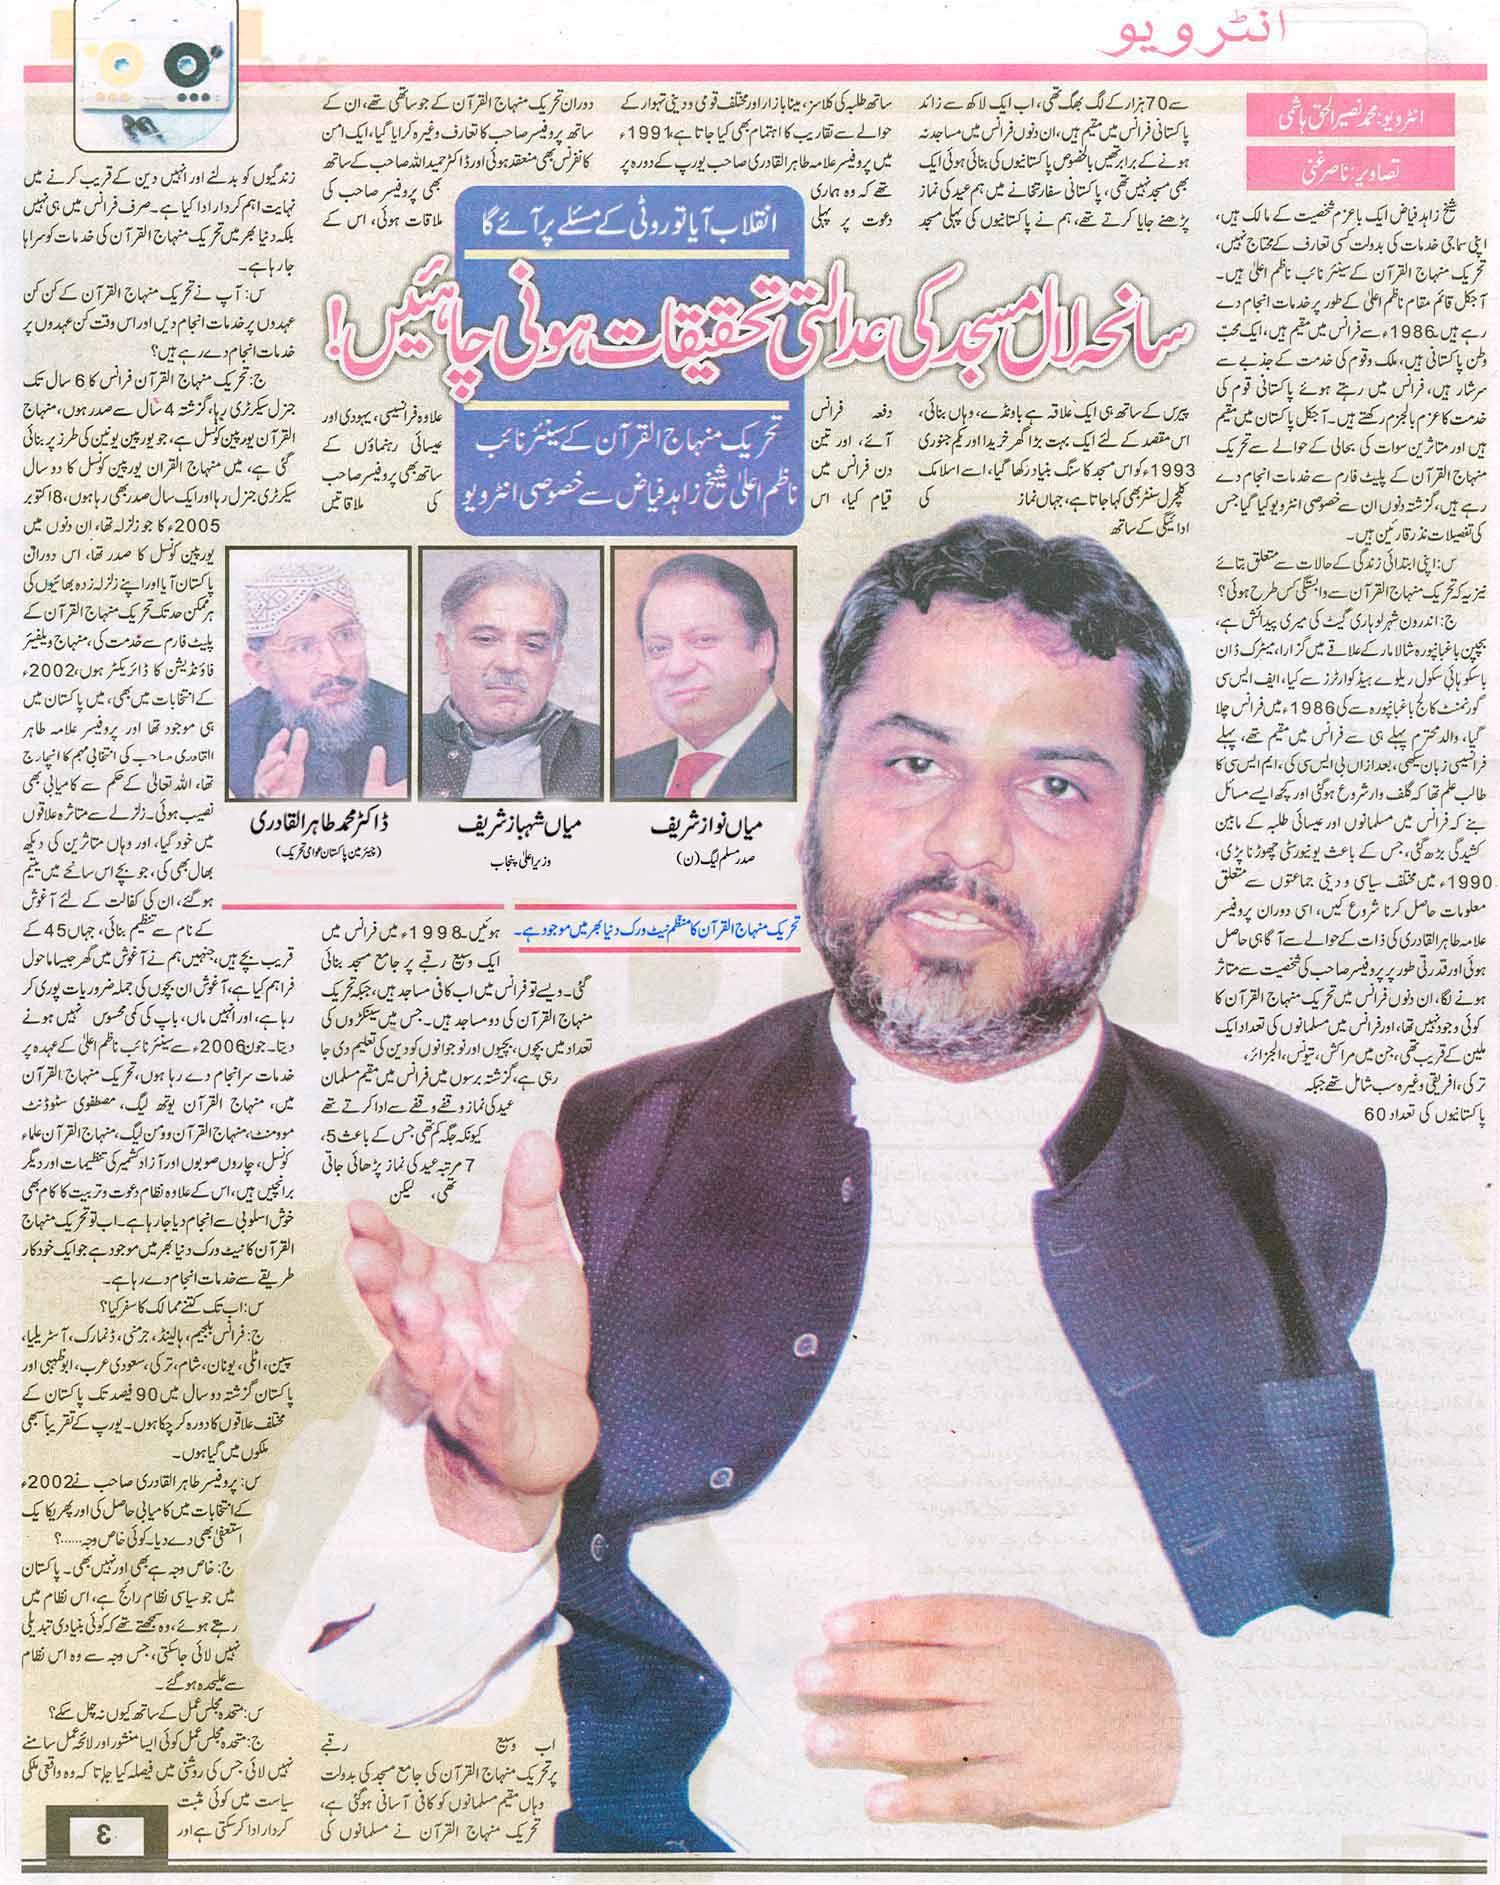 تحریک منہاج القرآن Minhaj-ul-Quran  Print Media Coverage پرنٹ میڈیا کوریج Weekly Zindagi Page: 3